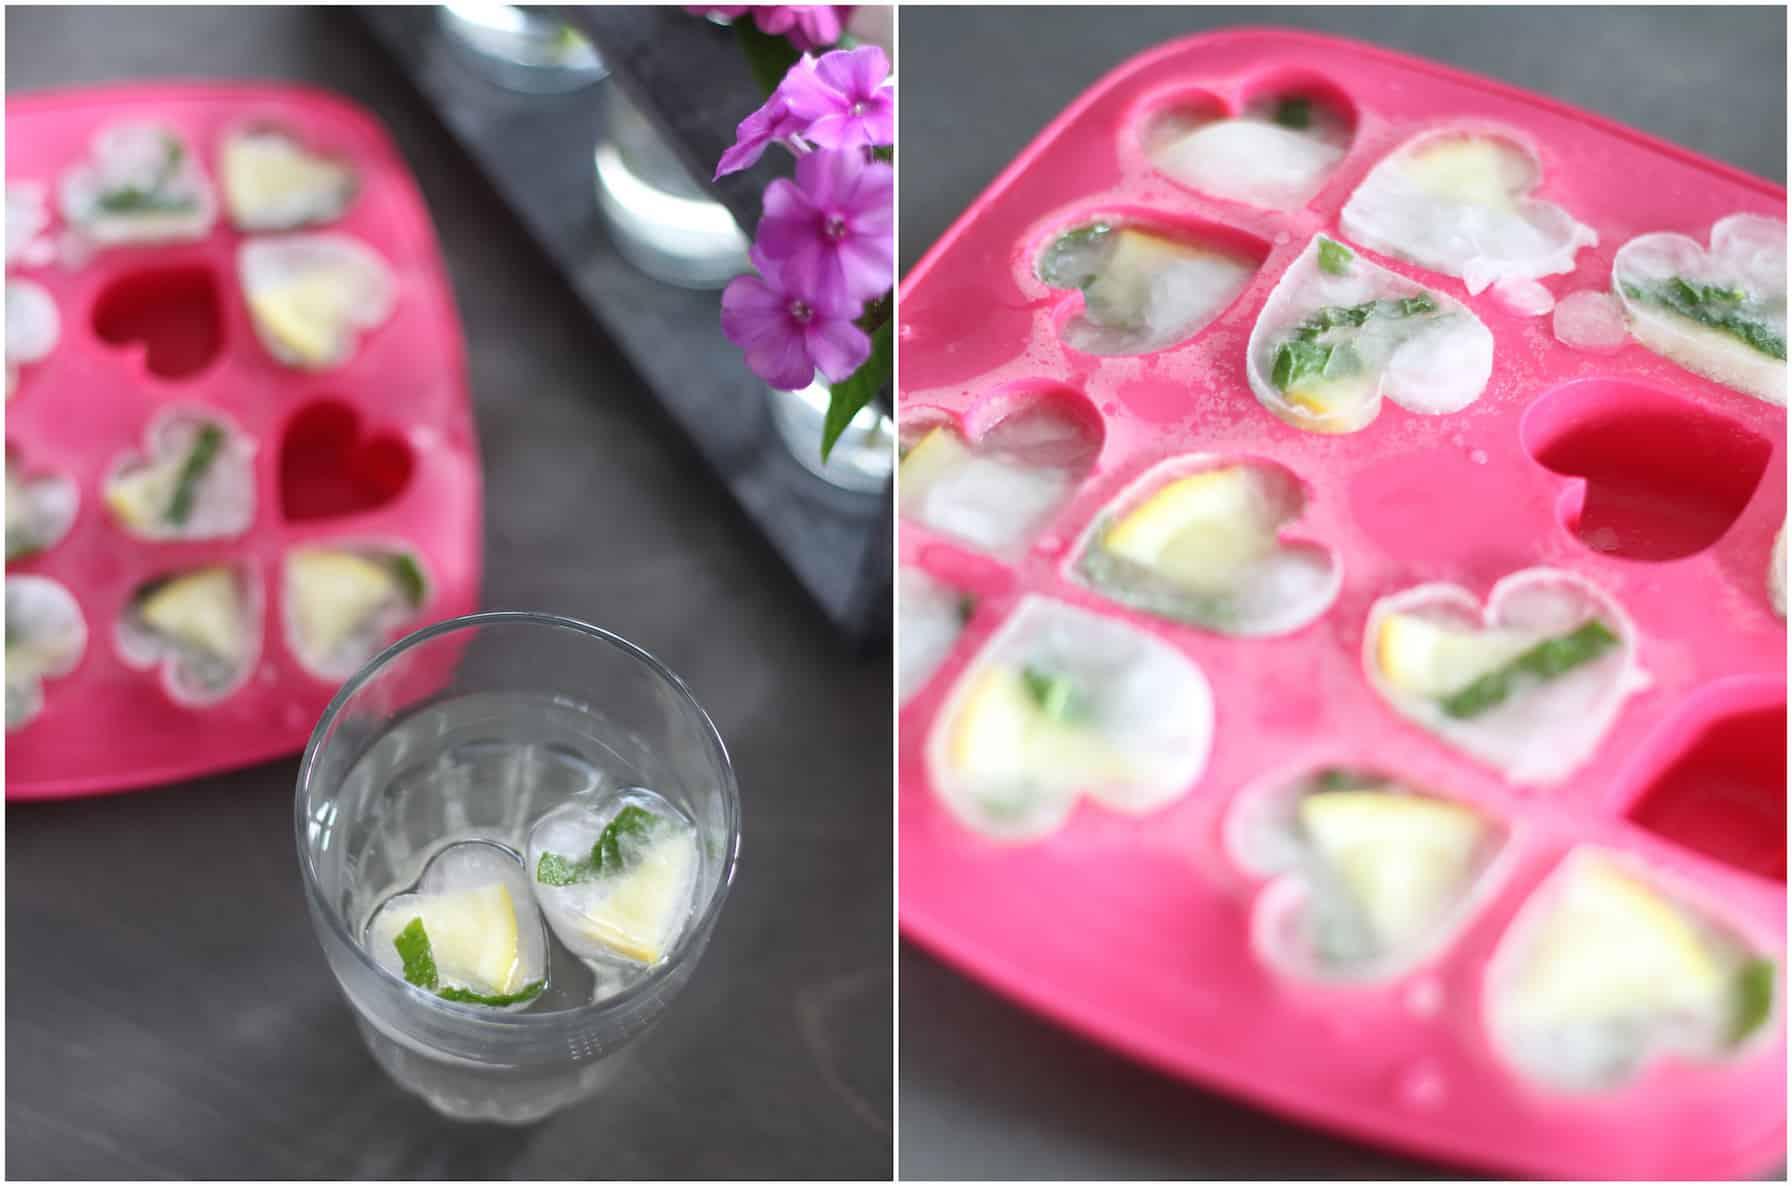 zelfgemaakte-fruitijsjes-om-samen-met-de-kids-te-maken-4